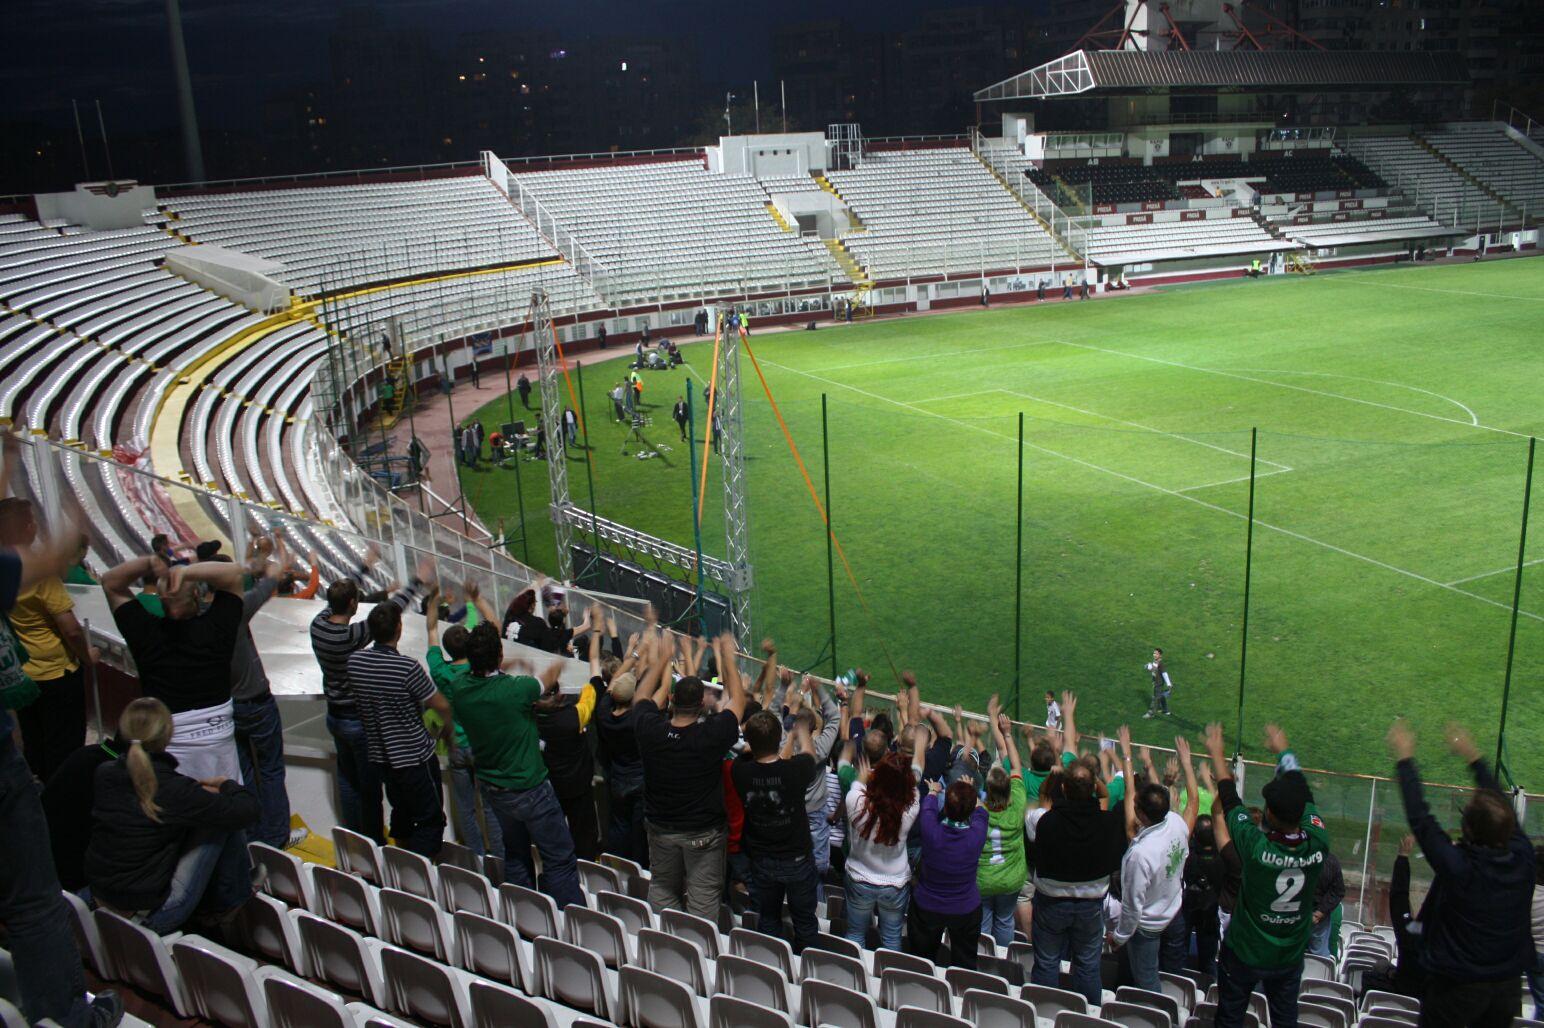 Stadioanele din România sunt mai mult goale decât pline. Foto: funky1opti / Flickr